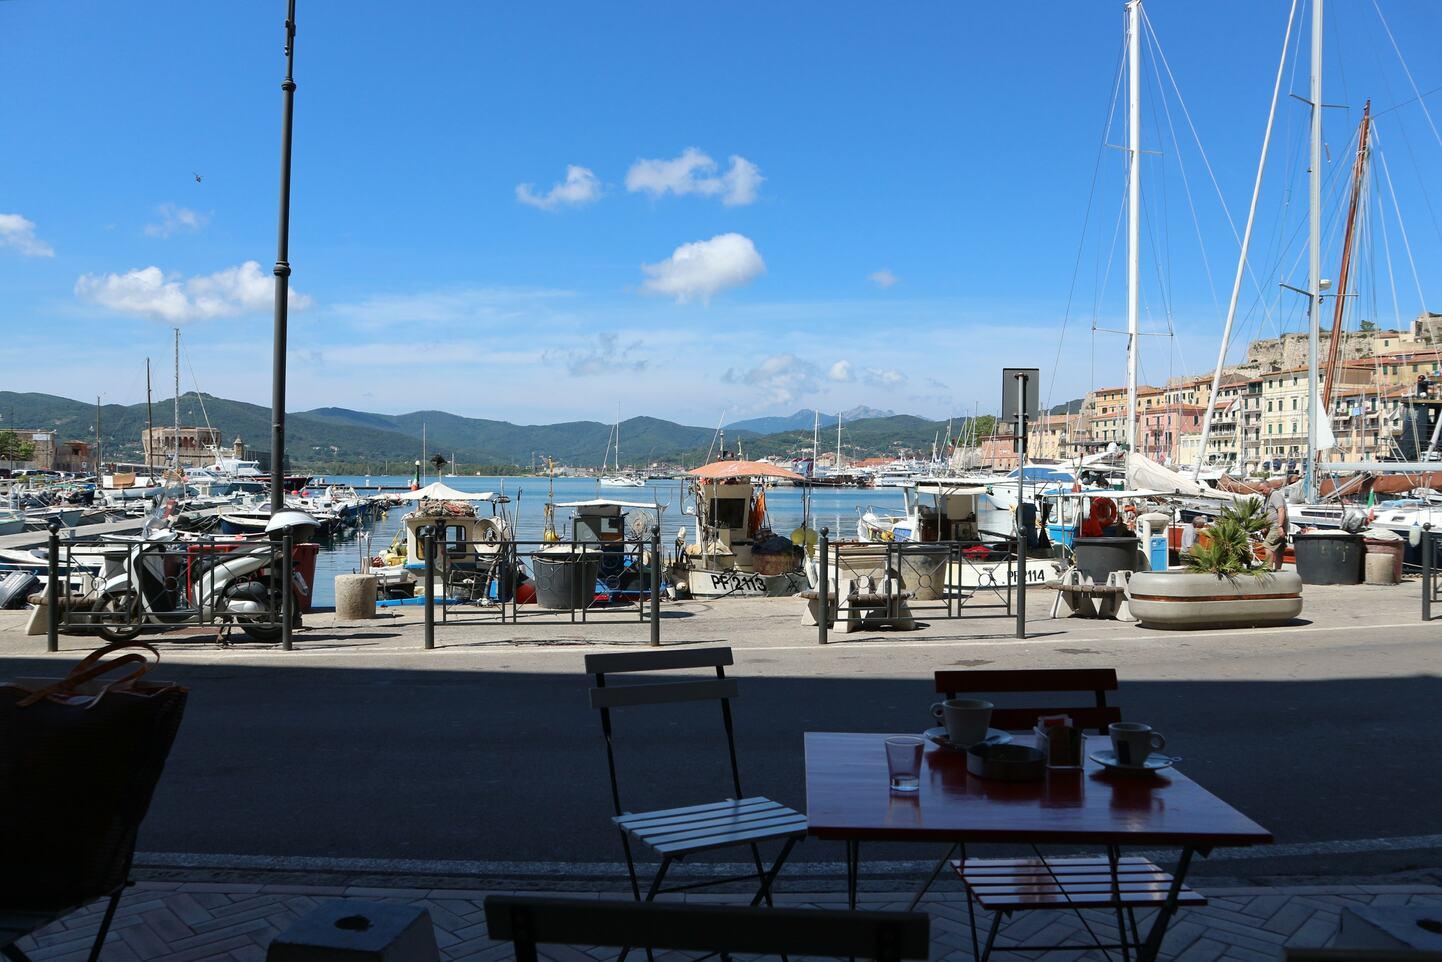 港のカフェからの景色